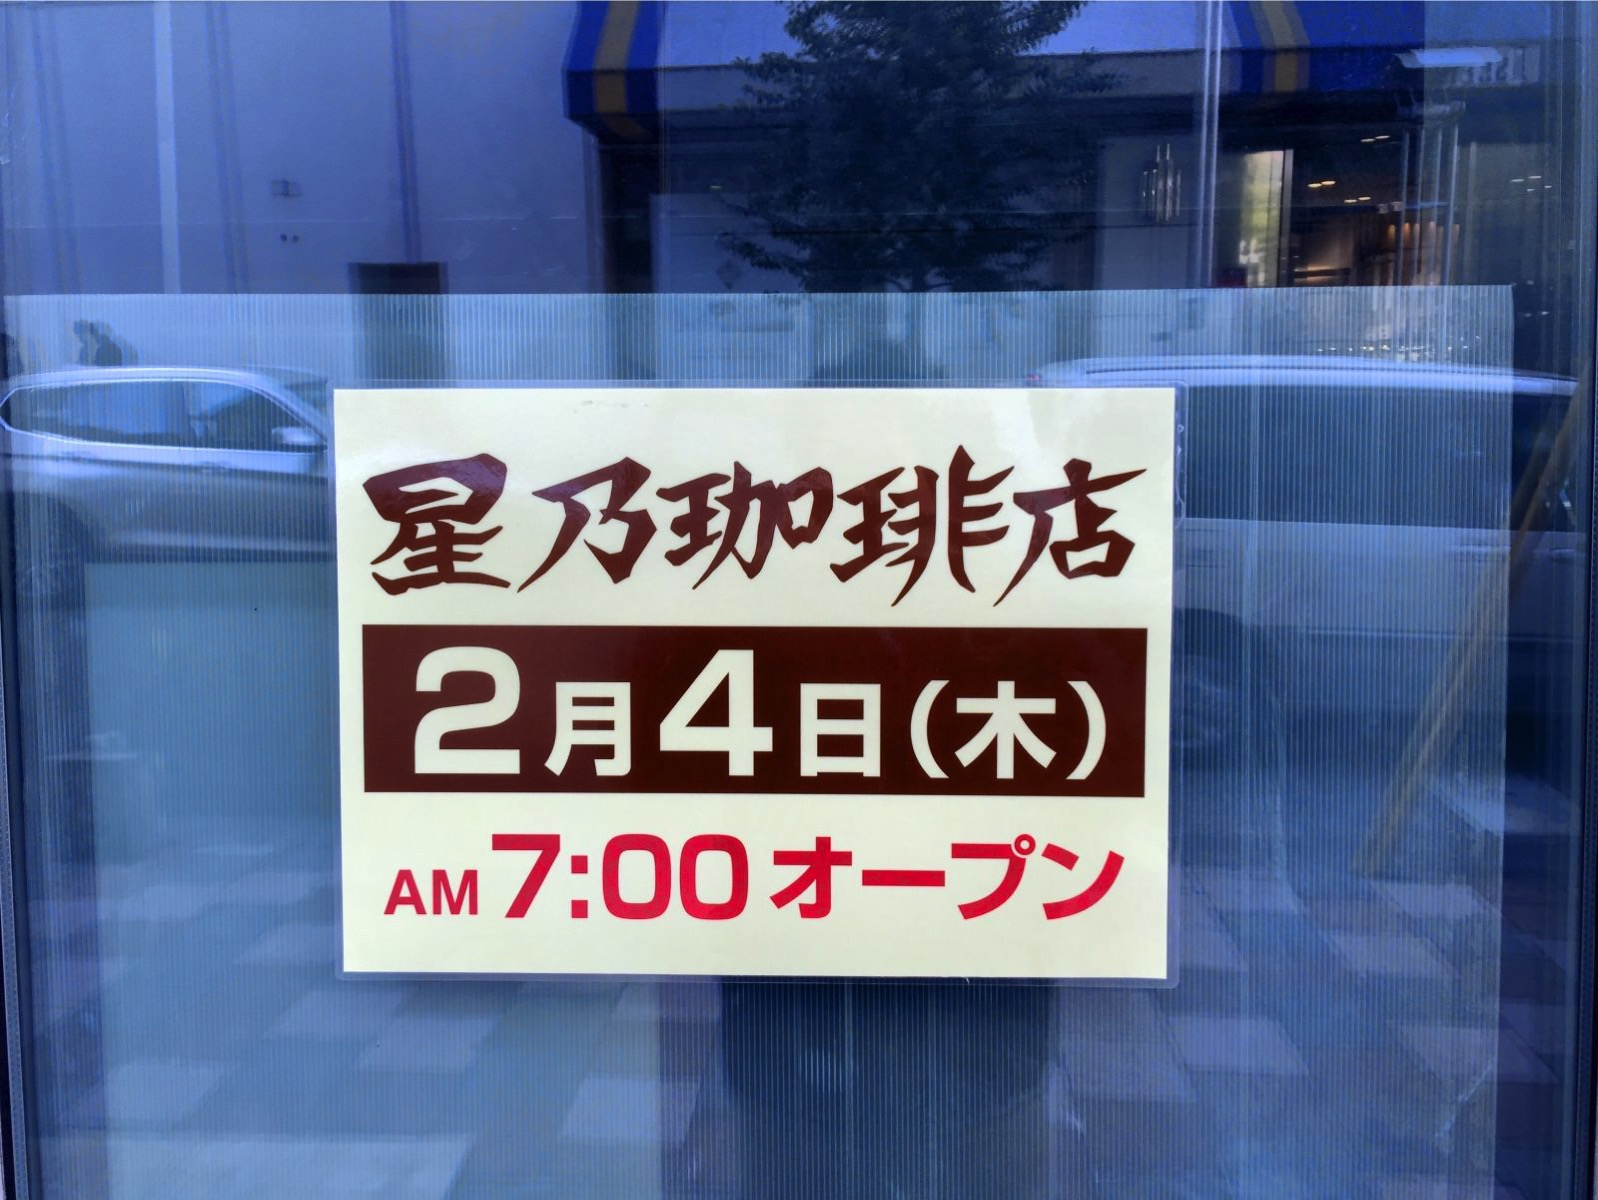 浦和駅西口に「星乃珈琲店」2月4日オープン!場所は伊勢丹の裏手